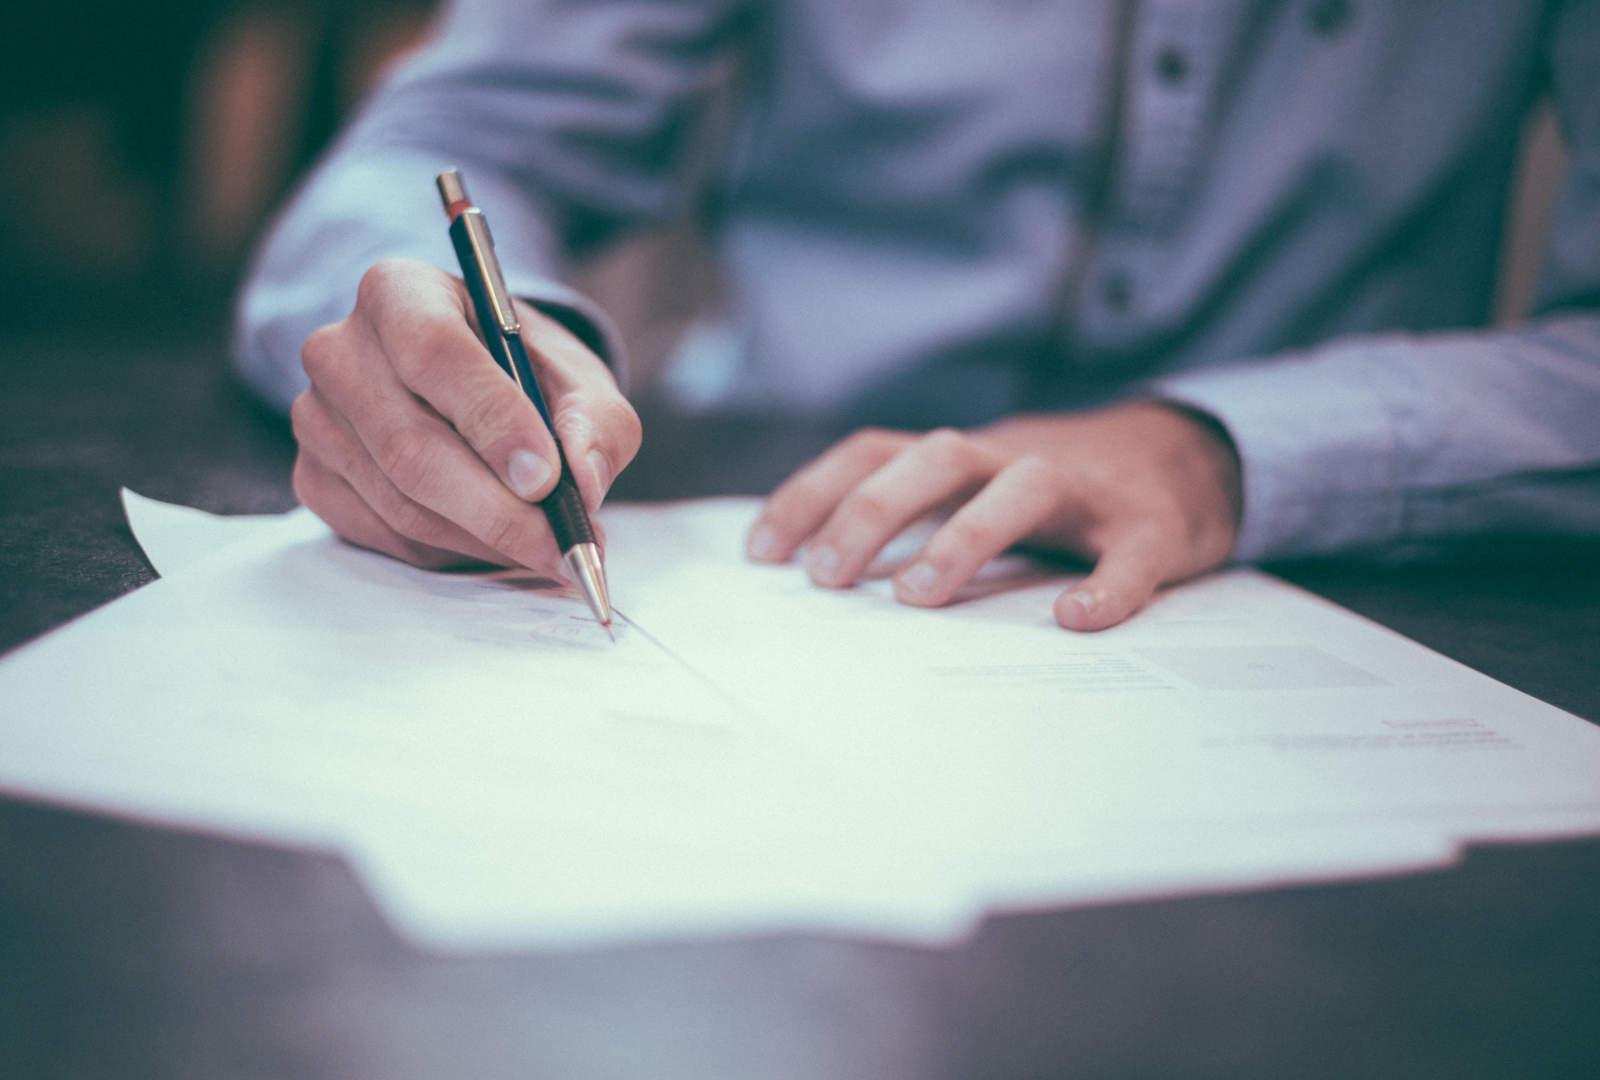 Naujas darbo kodeksas galimybės darbuotojui ir įpareigojimui verslui